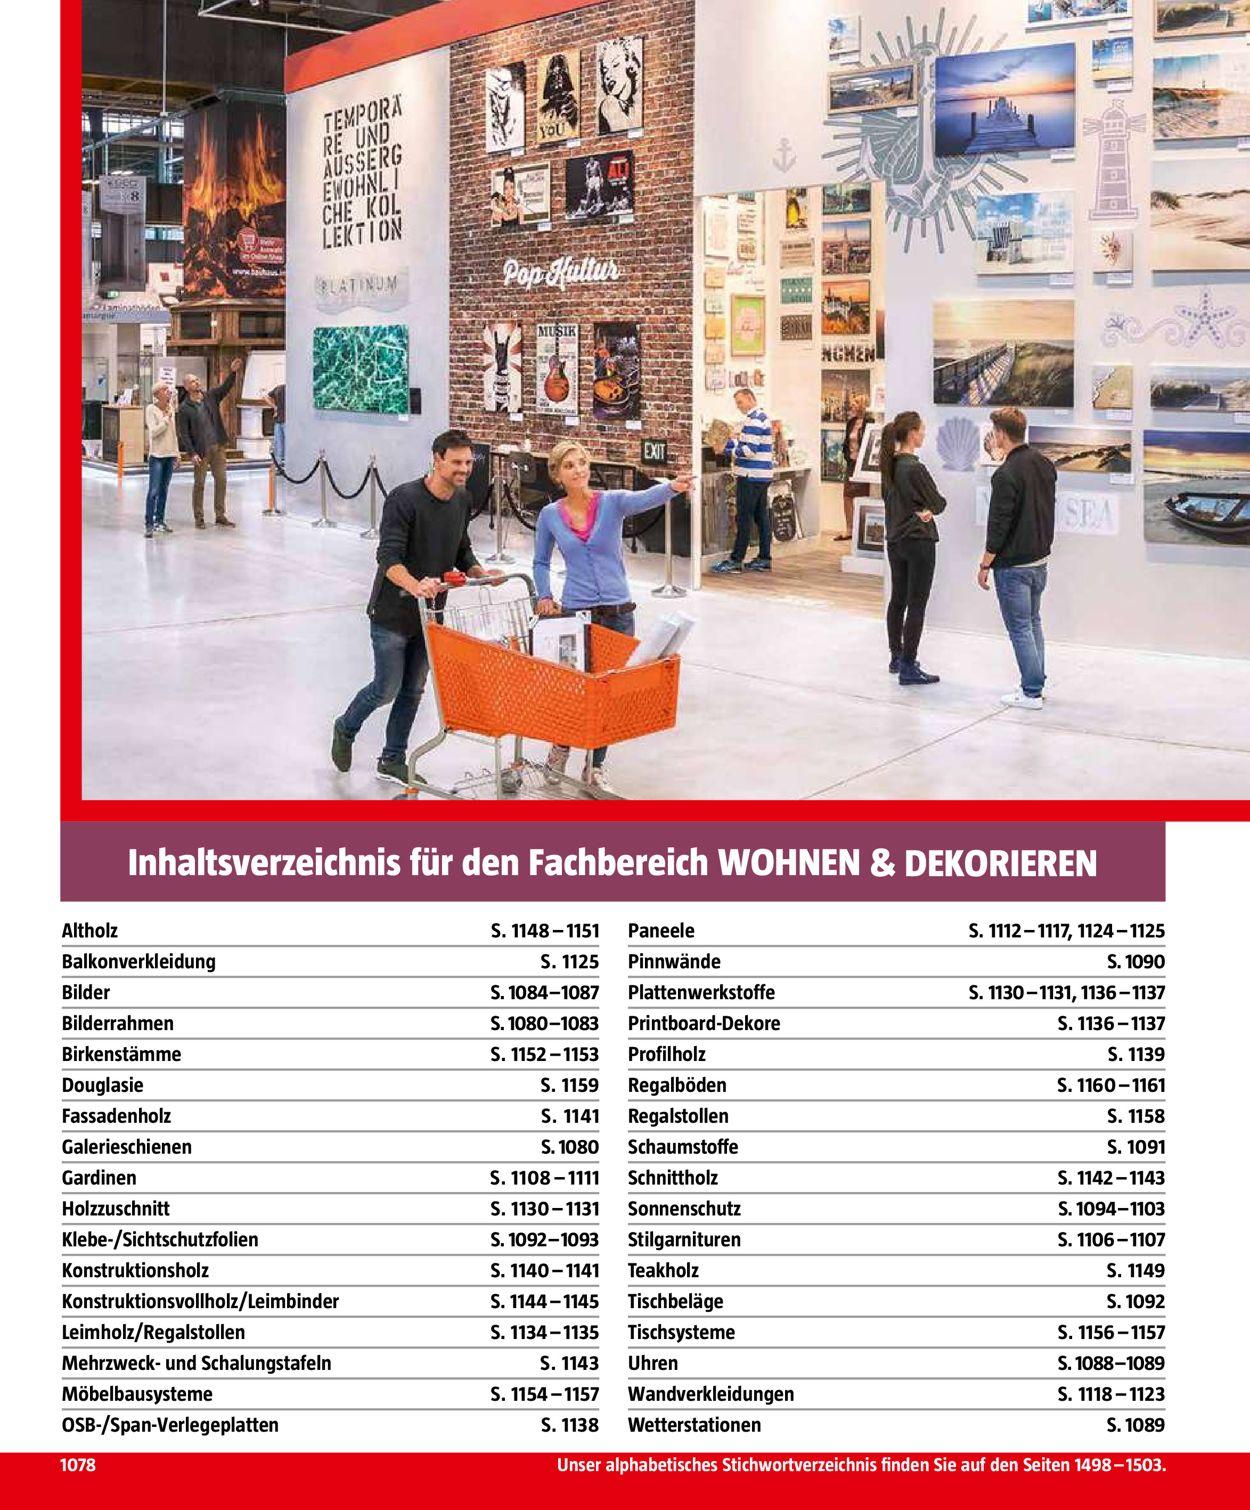 Bauhaus Aktueller Prospekt 04 10 31 01 2020 1078 Jedewoche